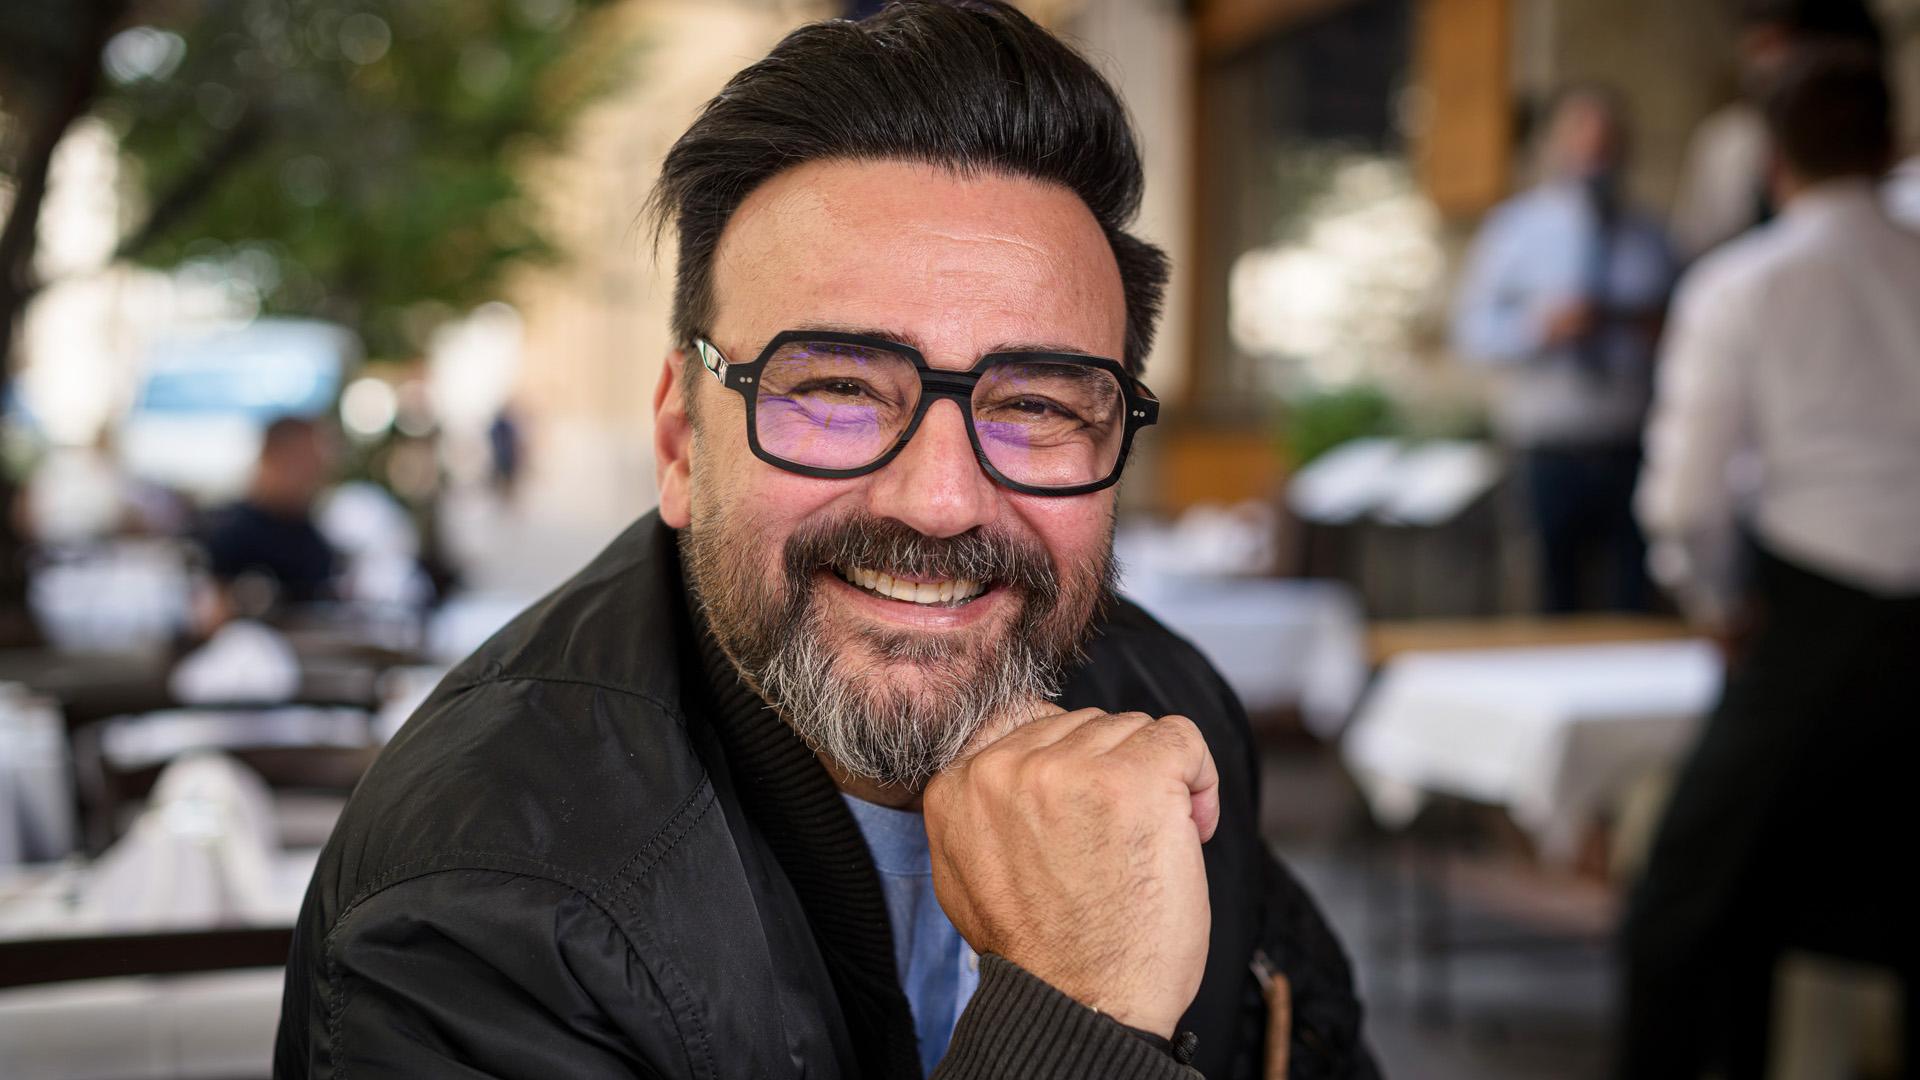 Gianni Annoni: A gyerek nem egy reklámeszköz